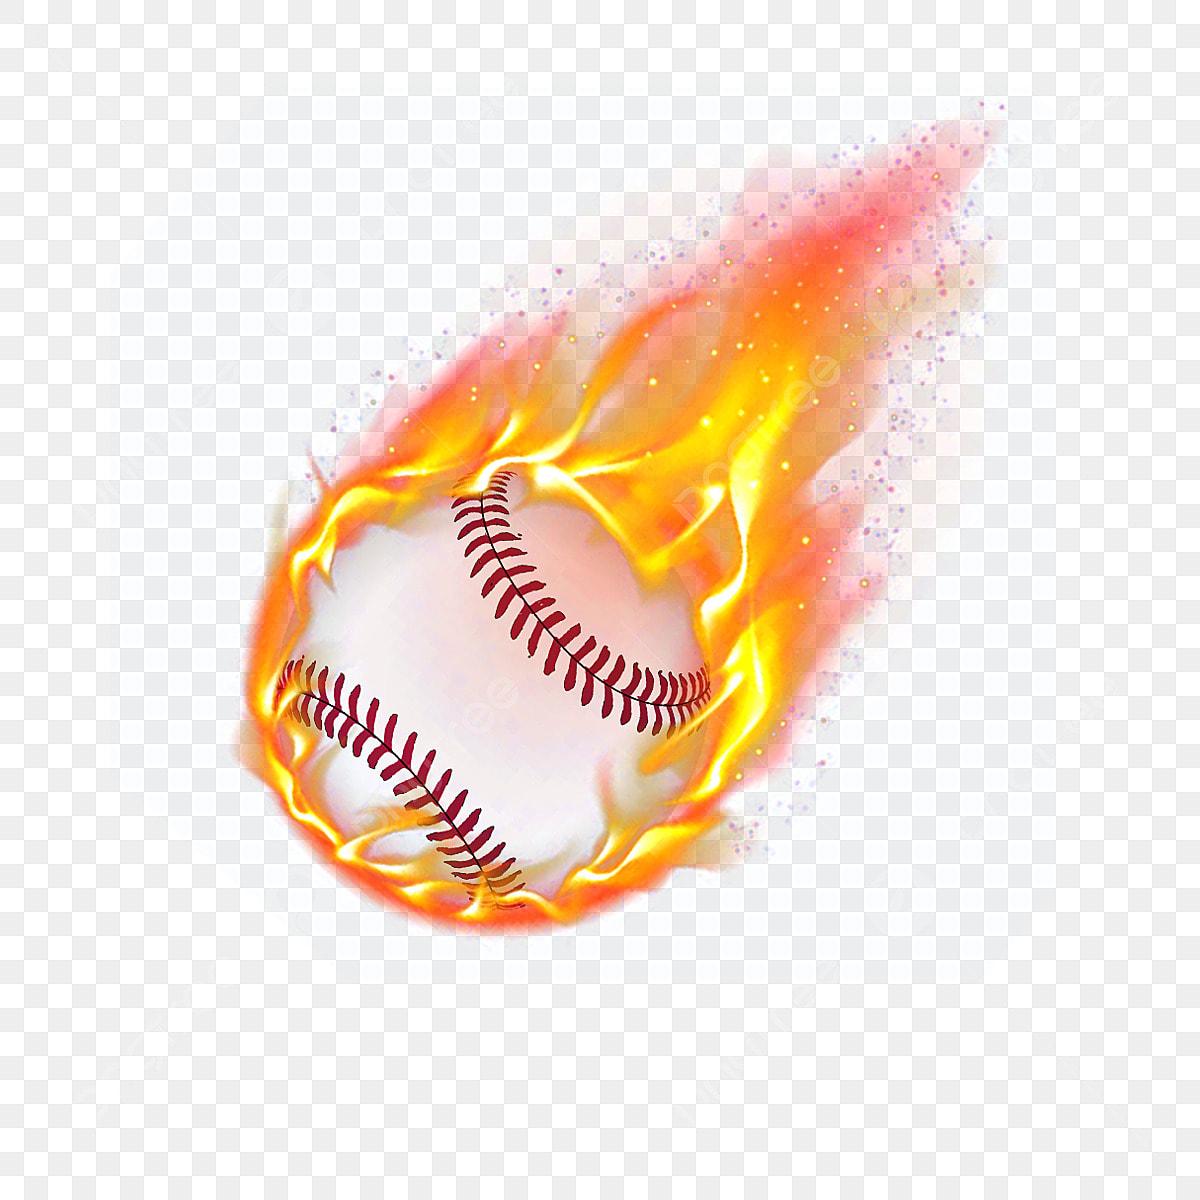 Flaming Softball Stock Illustrations – 132 Flaming Softball Stock  Illustrations, Vectors & Clipart - Dreamstime